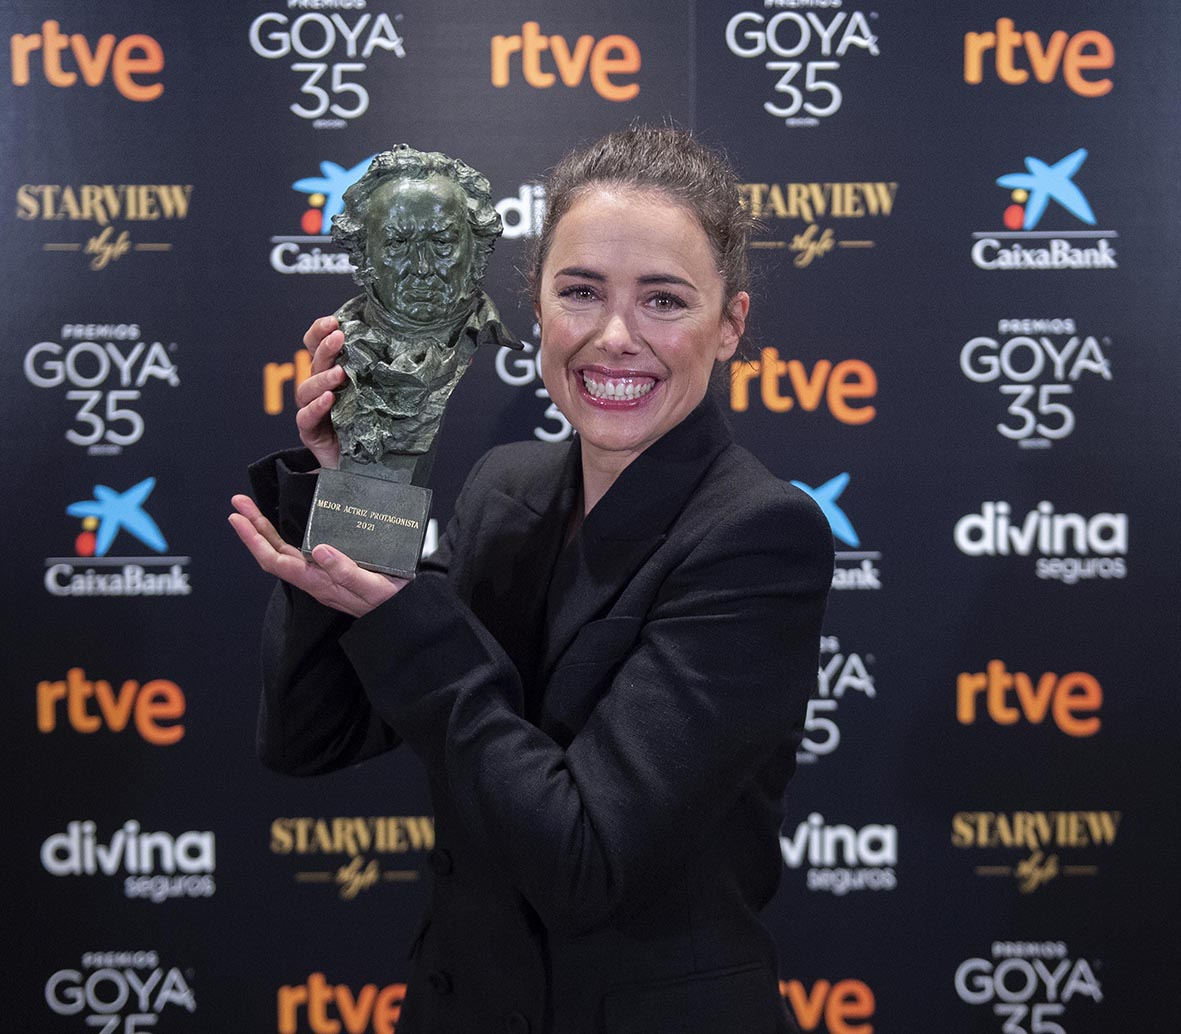 La Fundación Academia de Cine proyecta las películas ganadoras de los Goya